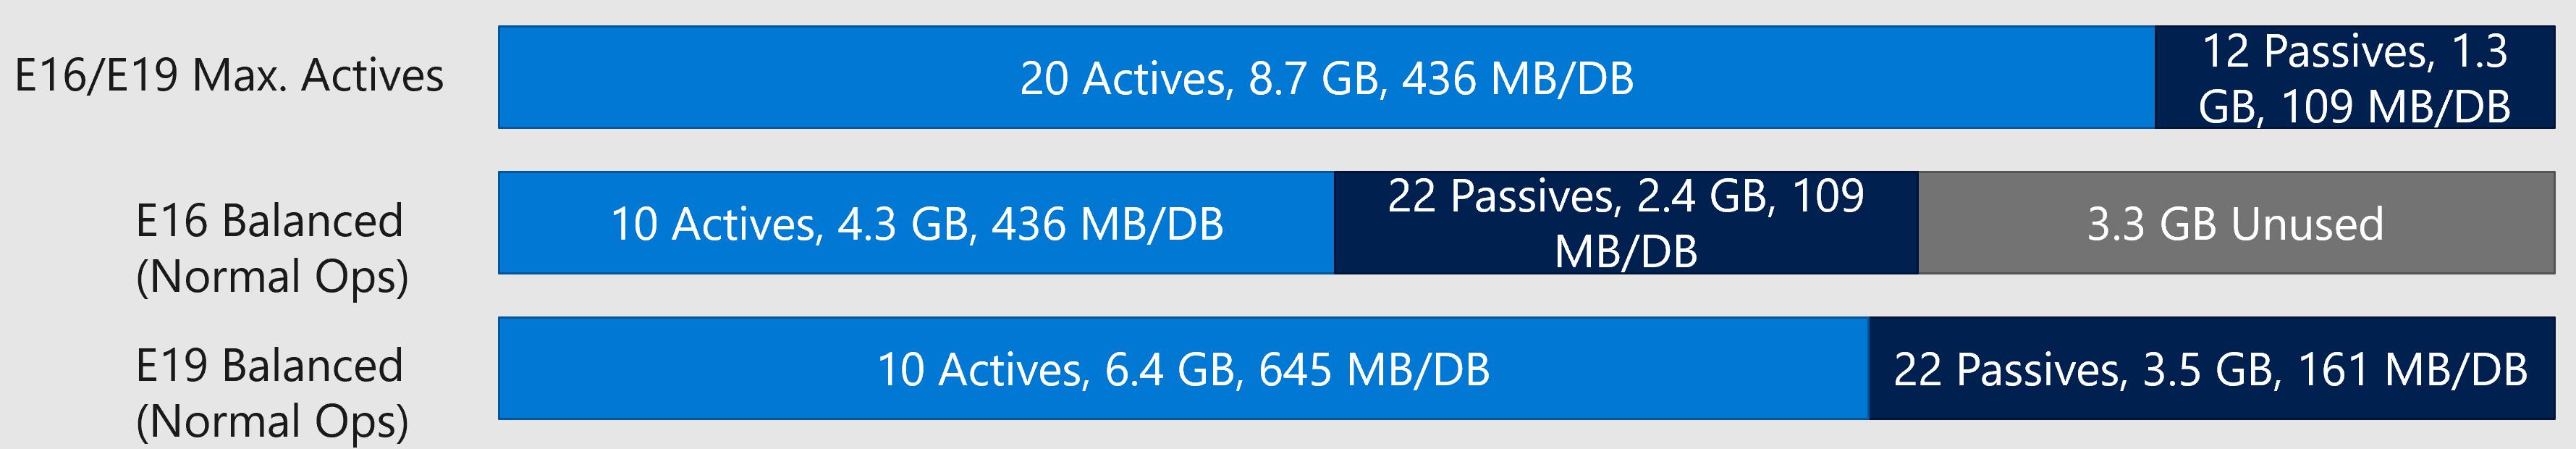 dynamic-database